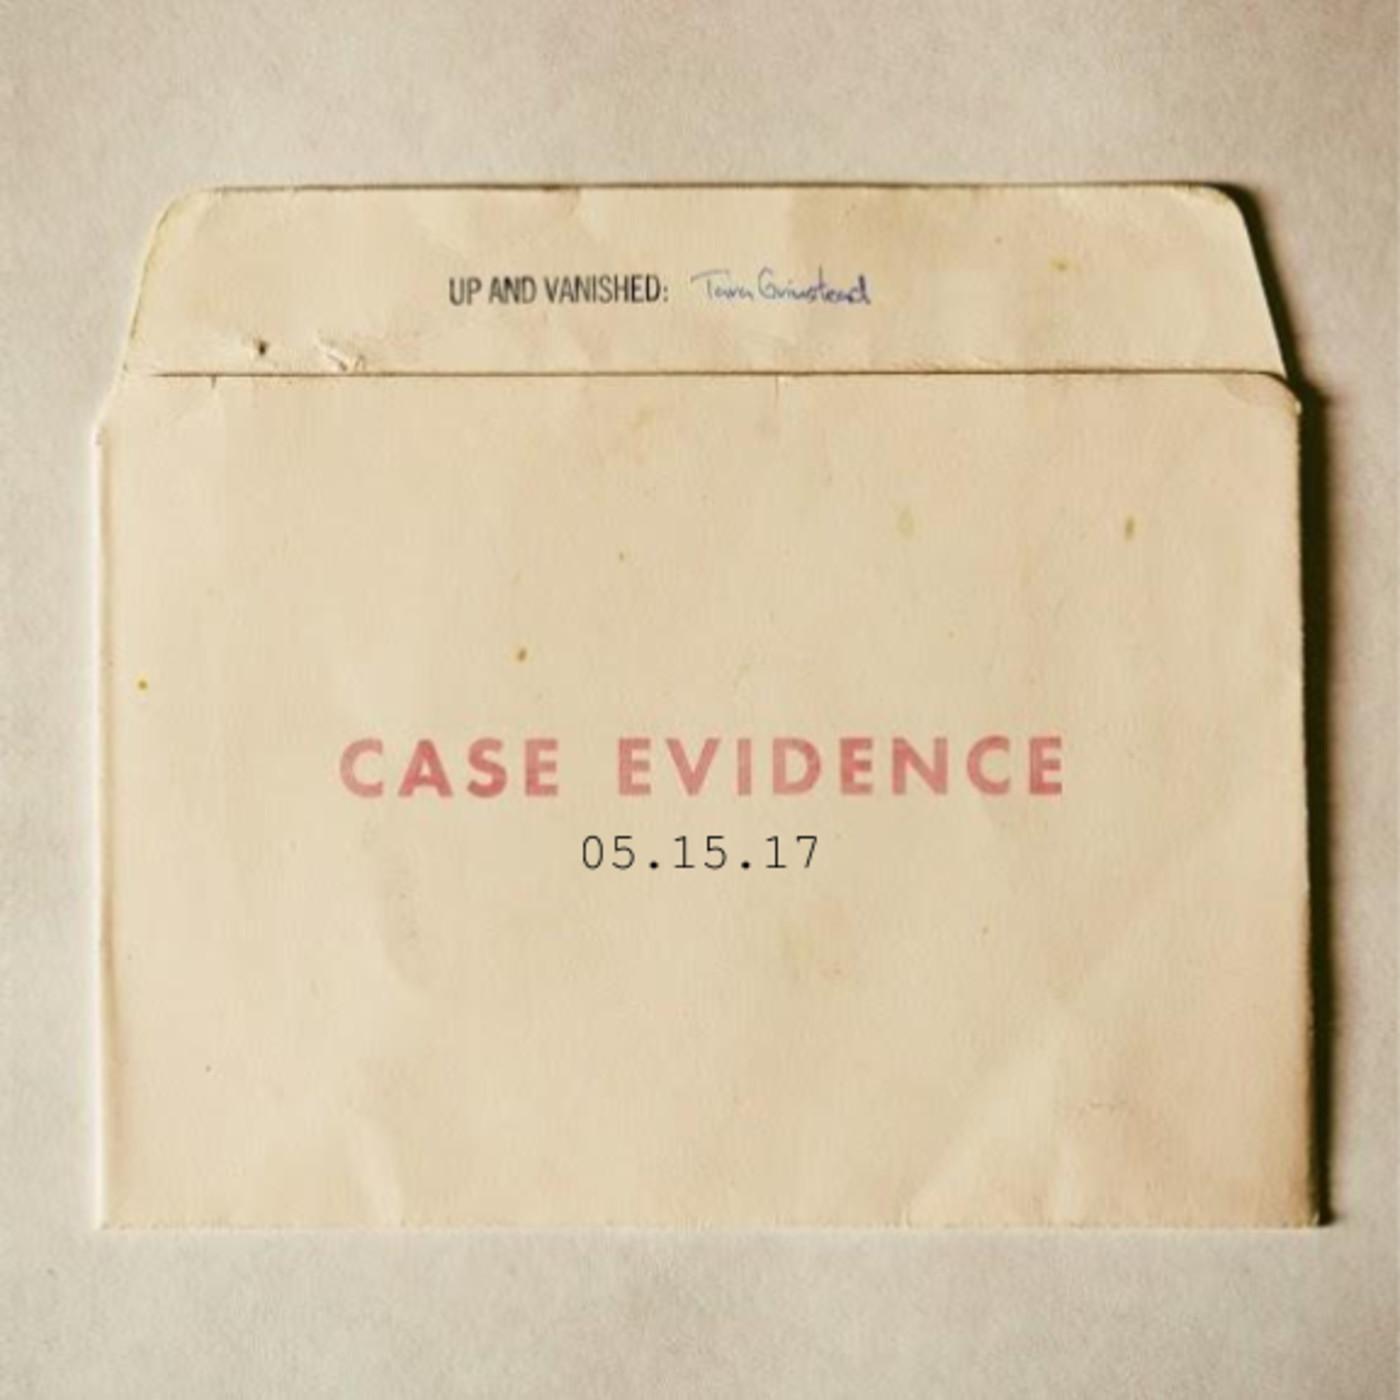 Case Evidence 05.15.17